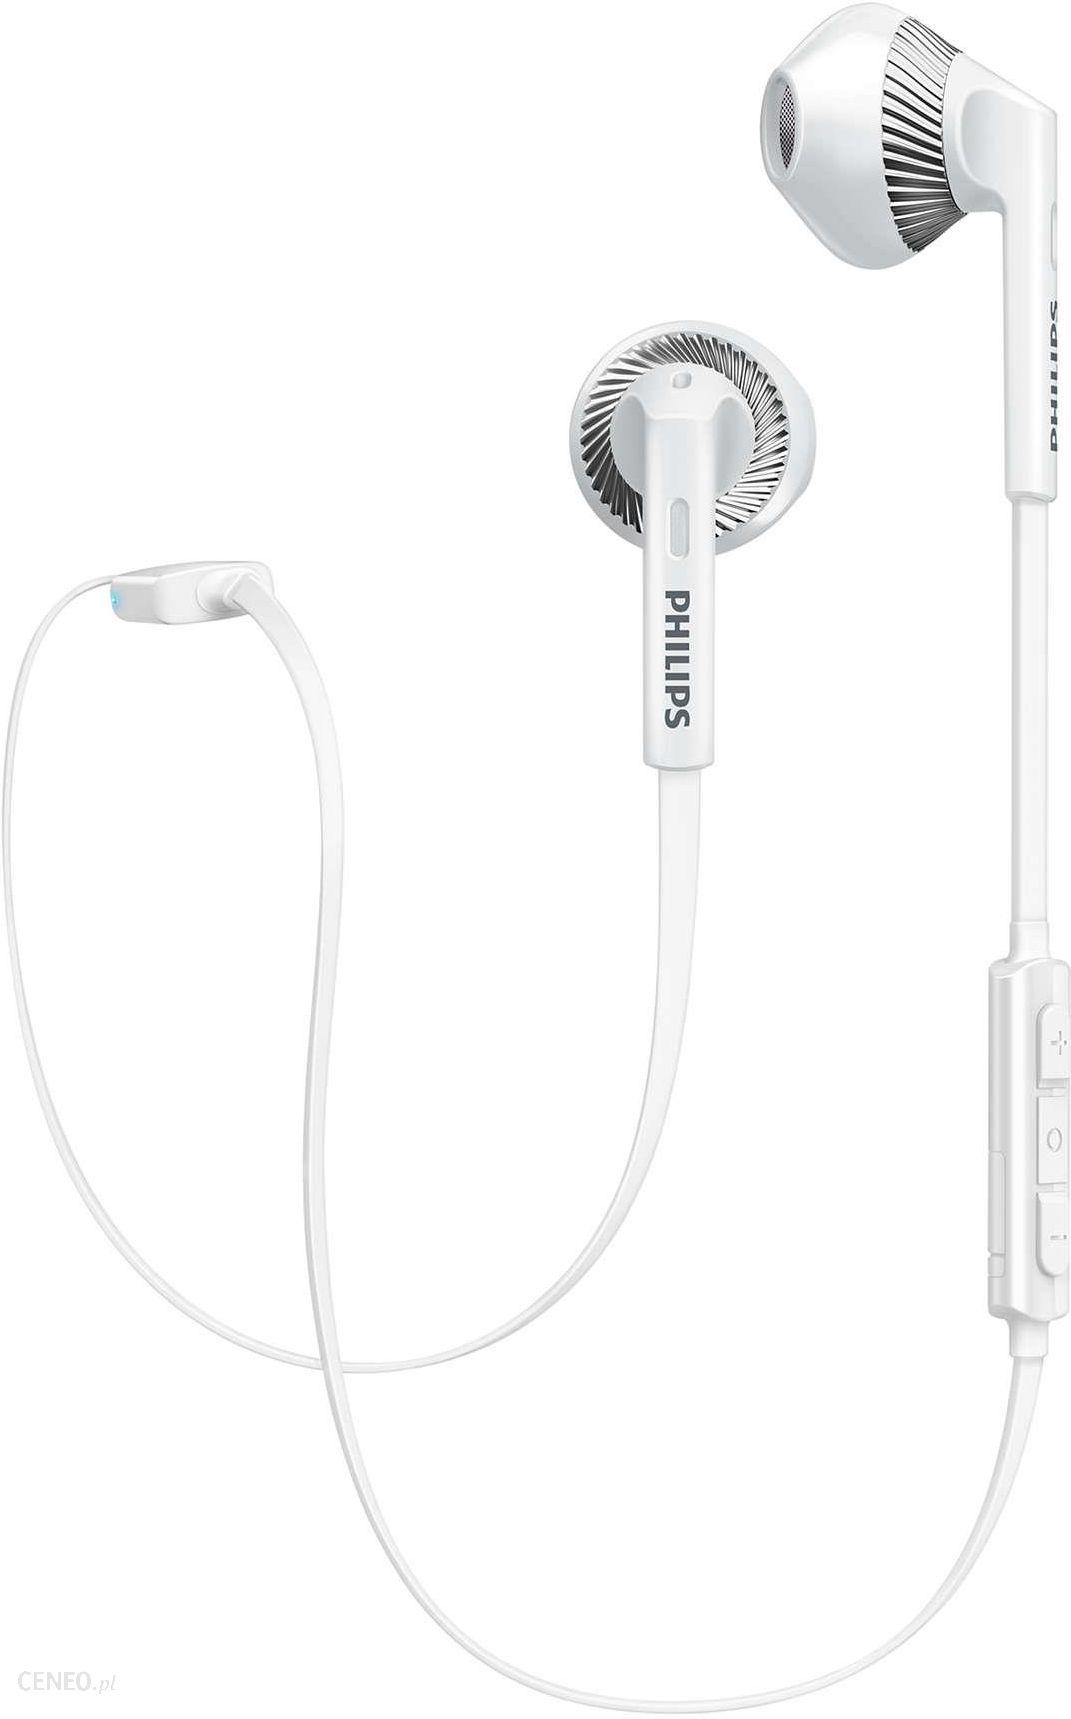 Philips SHB5250WT biały